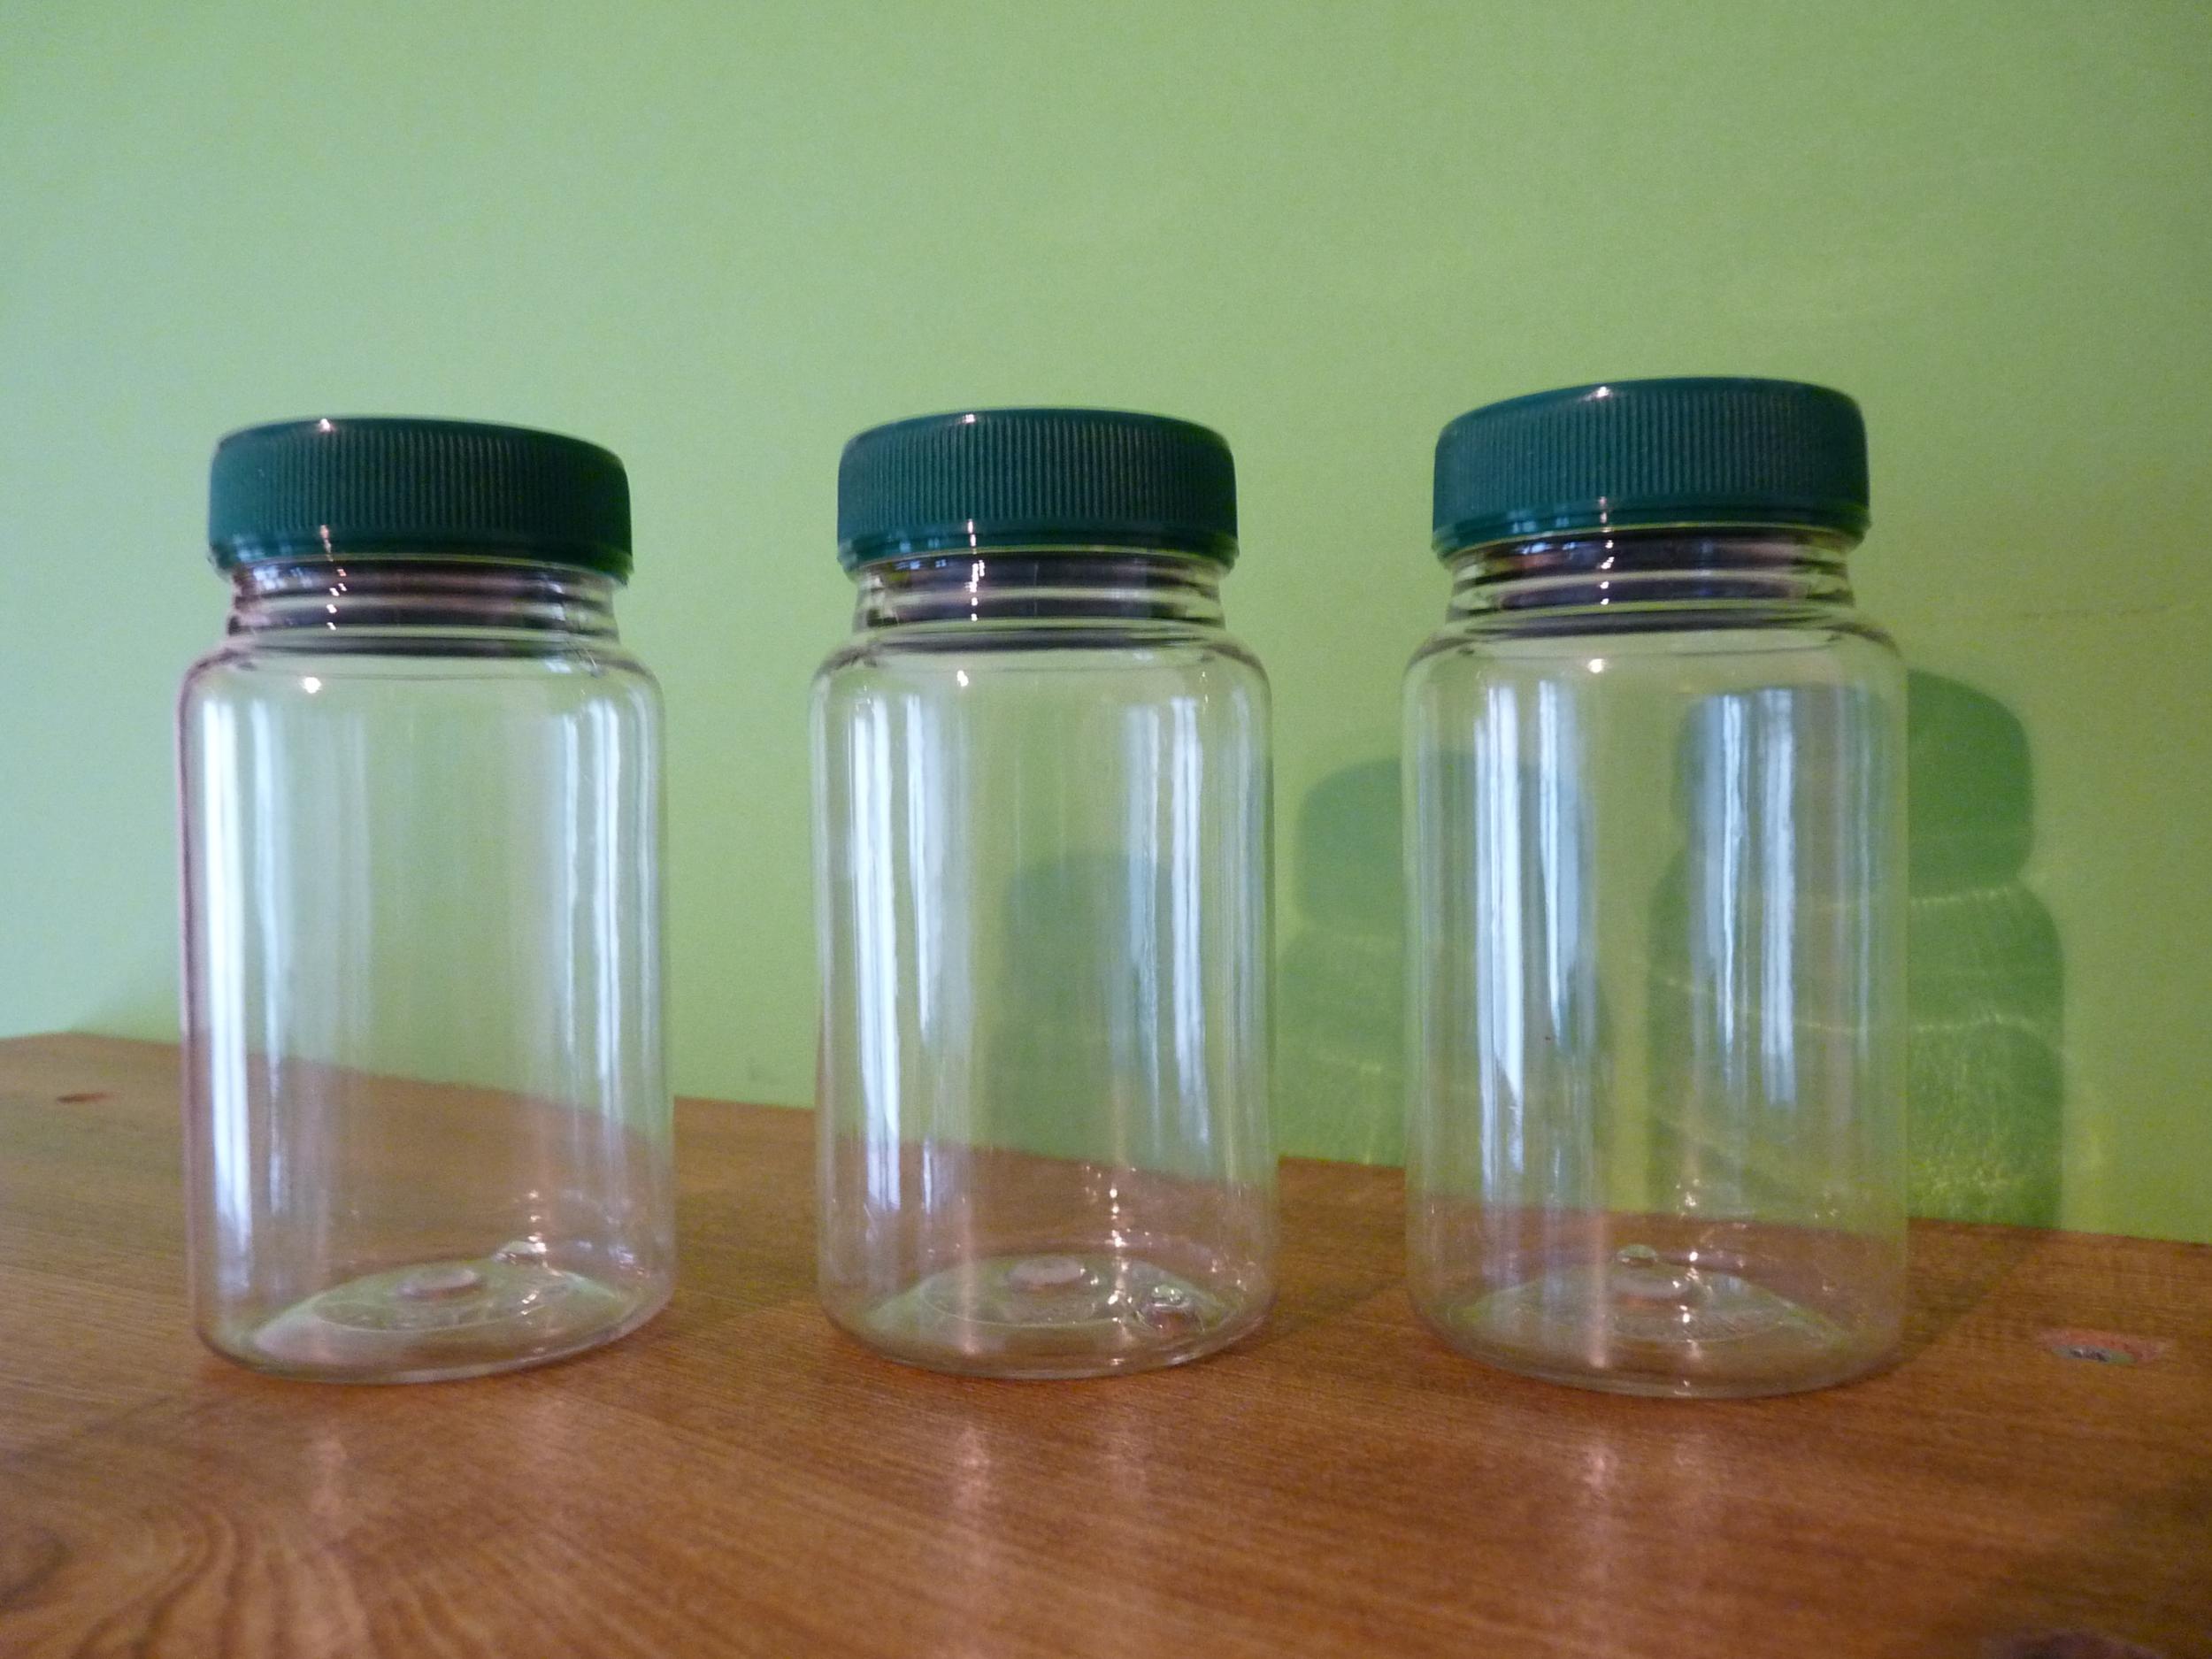 LOT DE 3 POTS A ÉPICES (avec étiquettes vierges)  100 ml